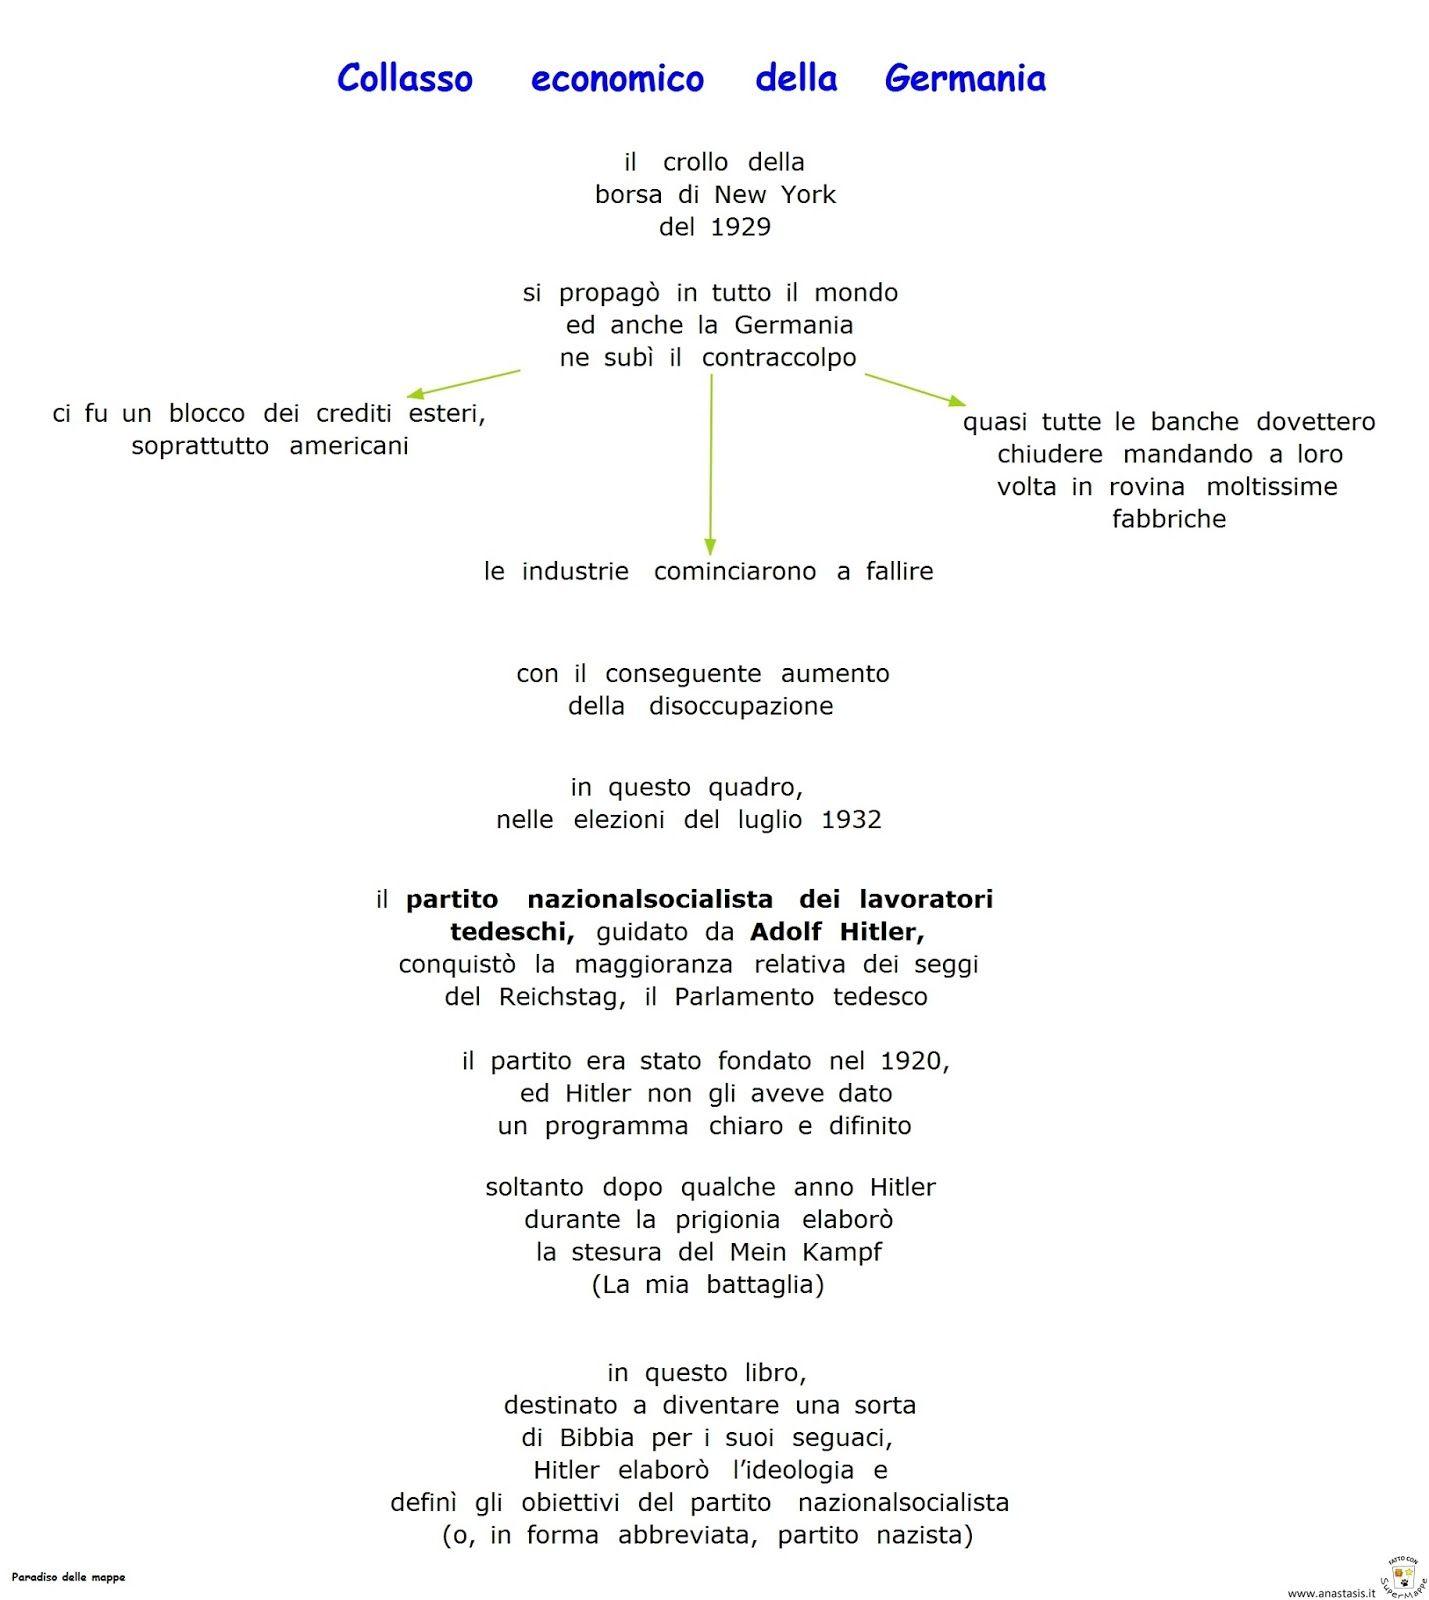 8+1+Collasso+economico+della+Germania.jpg (1429×1600)